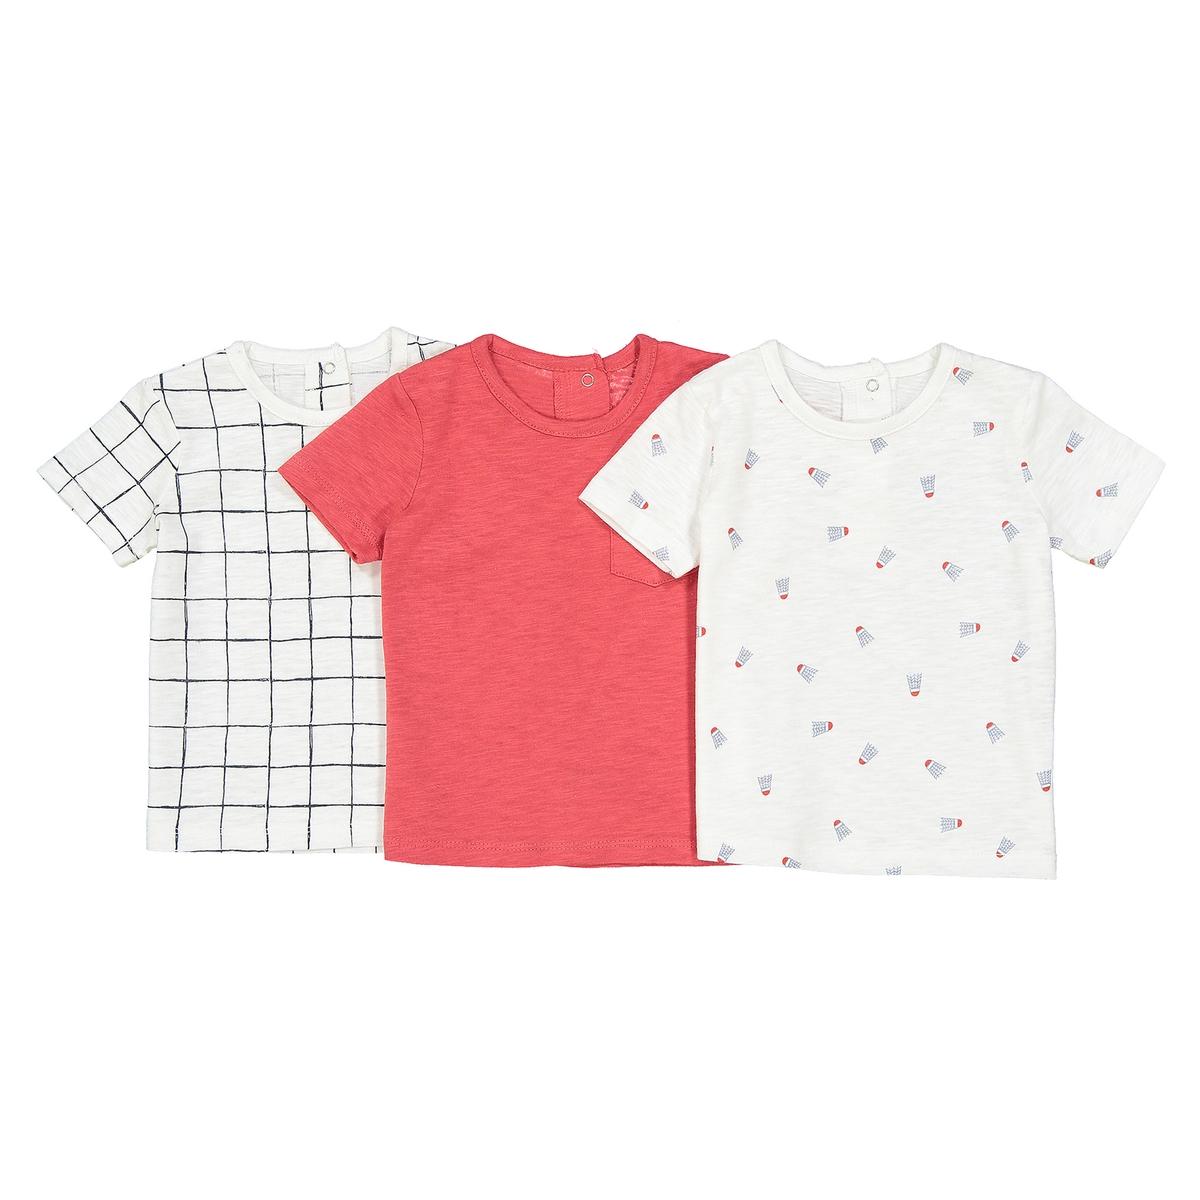 Комплект из 3 футболок с короткими рукавами - 1 мес. - 3 годаОписание:Детали •  Короткие рукава •  Круглый вырезСостав и уход •  100% хлопок •  Стирать при 40° •  Сухая чистка и отбеливатели запрещены • Барабанная сушка на слабом режиме       • Средняя температура глажки<br><br>Цвет: белый + красный